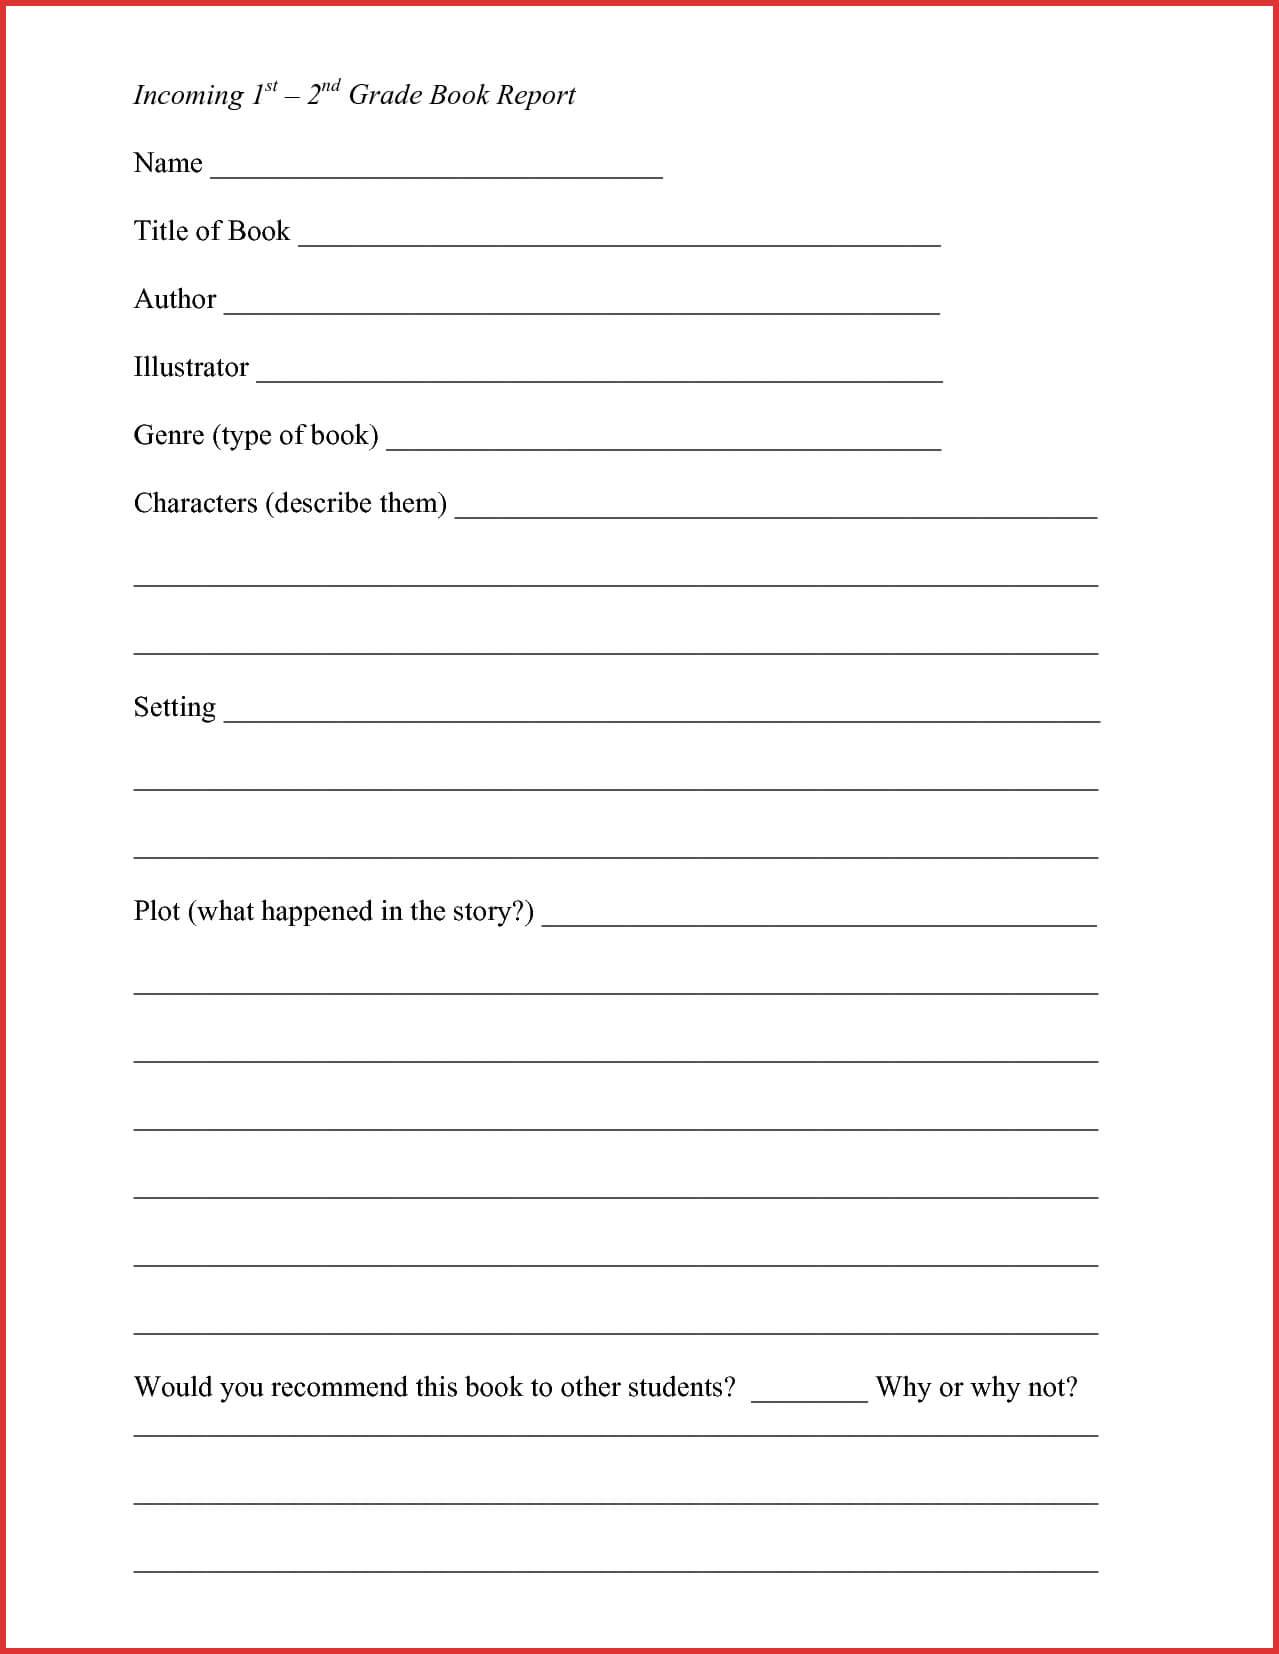 Lovely 2Nd Grade Book Report Template | Job Latter with 2Nd Grade Book Report Template